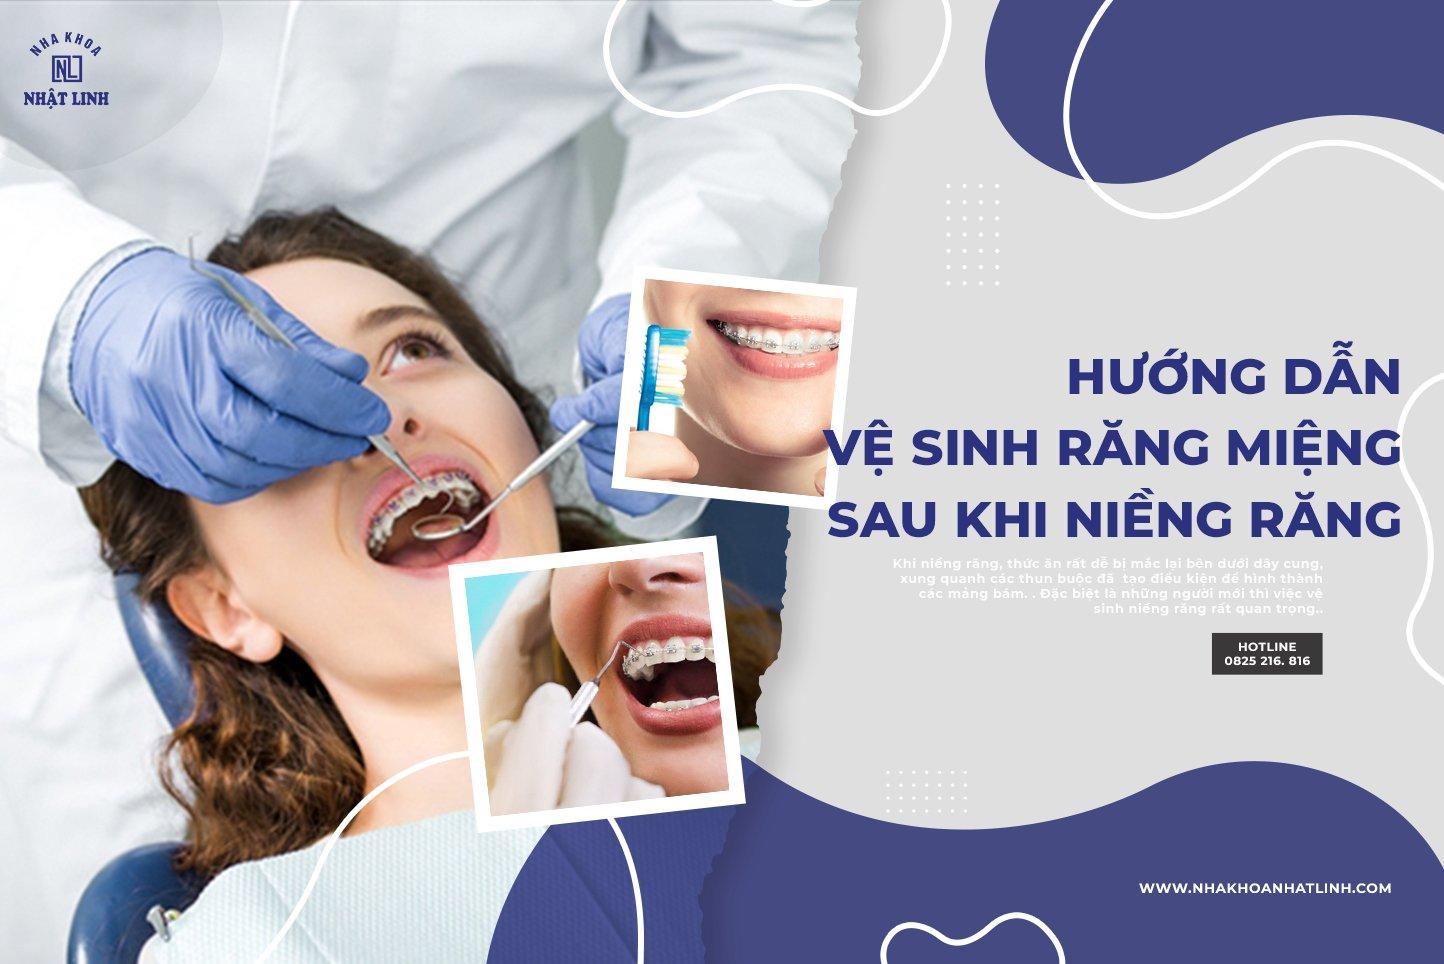 Vệ sinh răng miệng một cách chỉn chu sau khi niềng răng